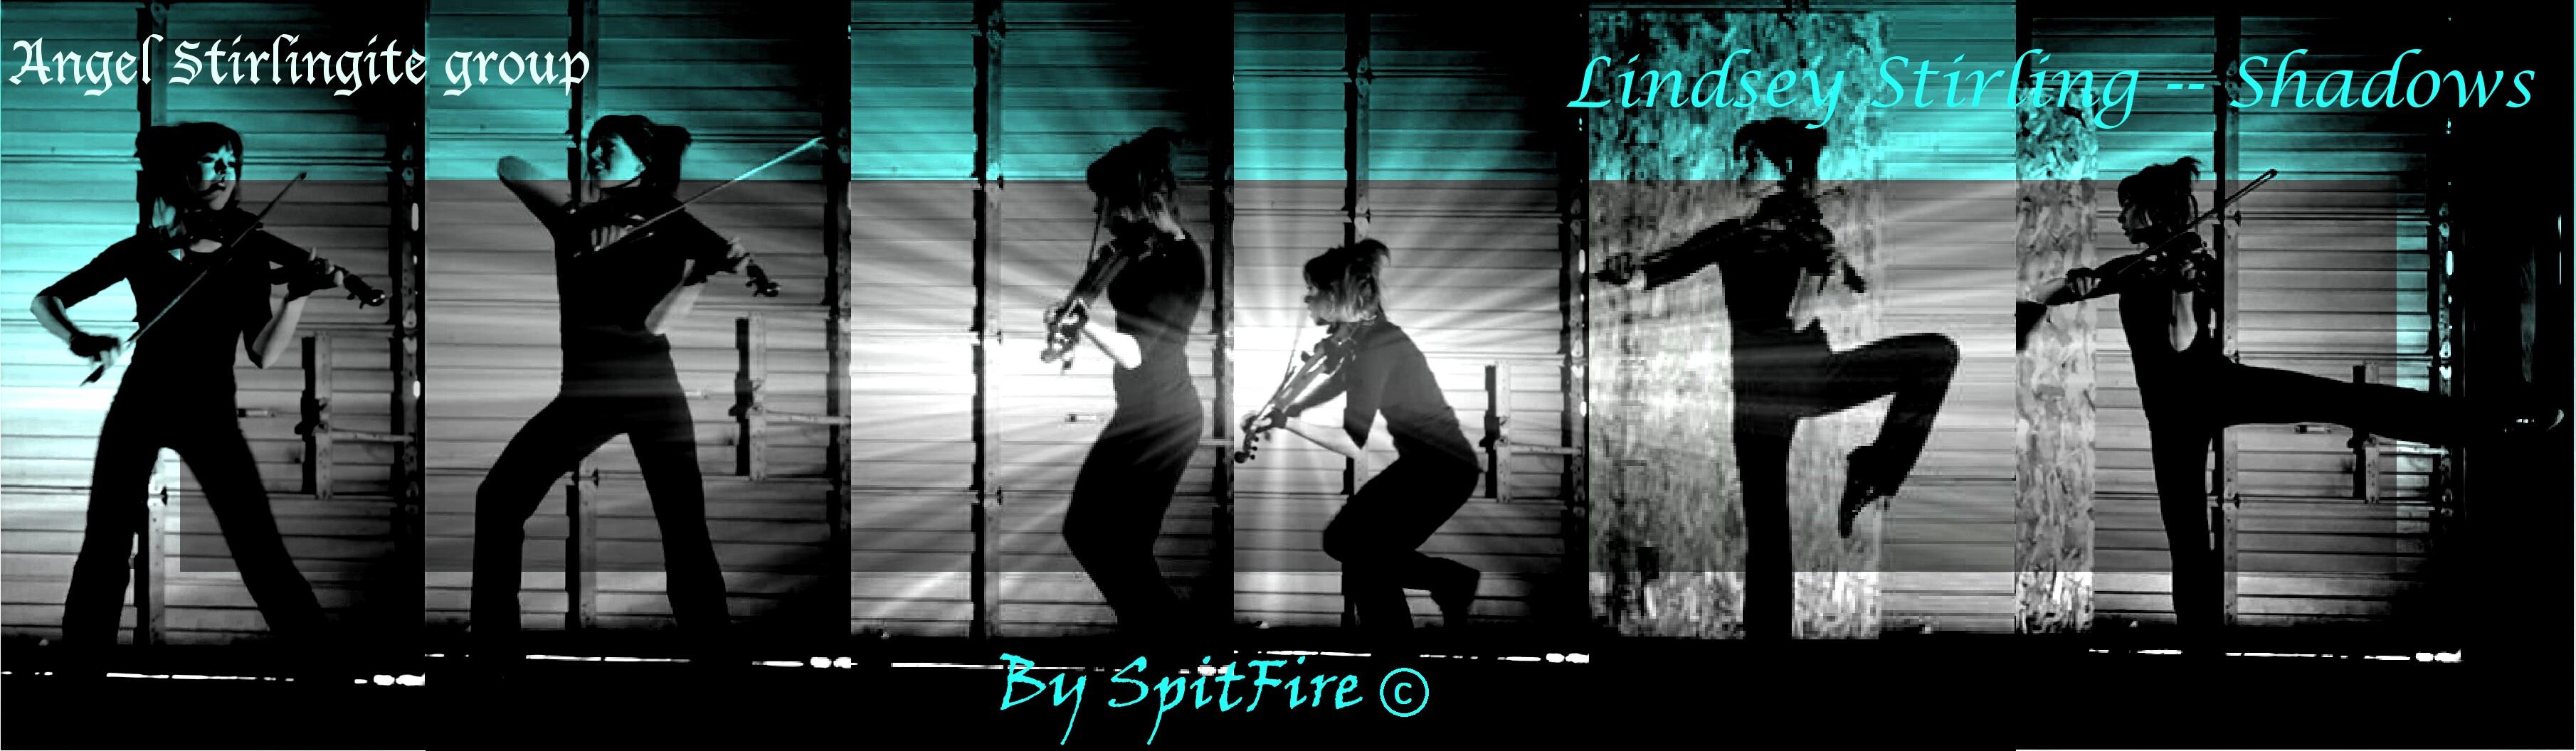 Lindsey Stirling shadows